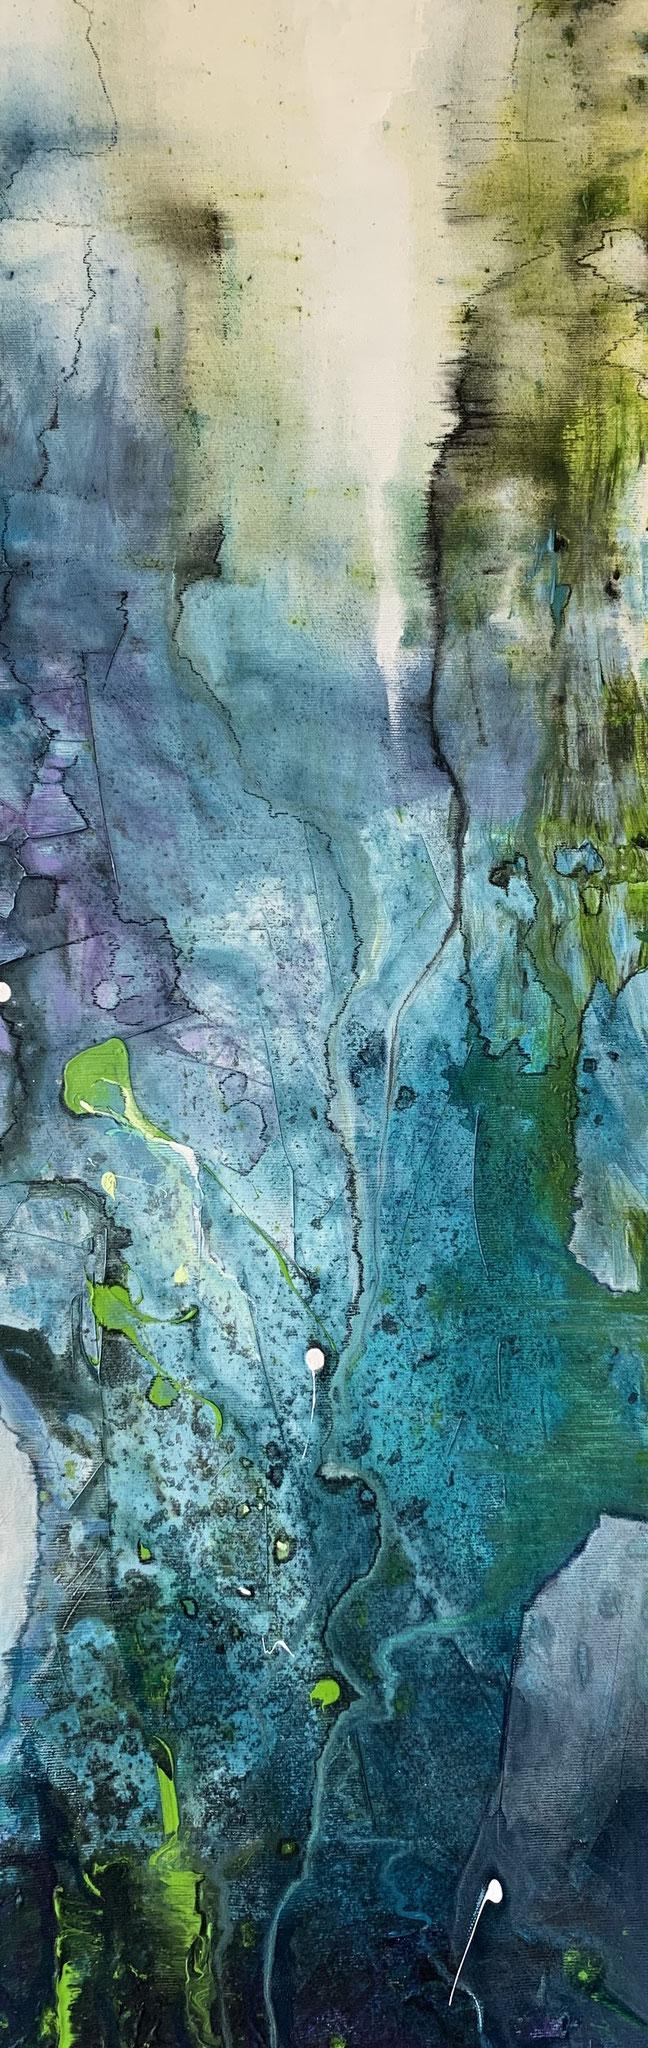 Im Riff, Acryl auf Leinwand, 80 x 30 cm